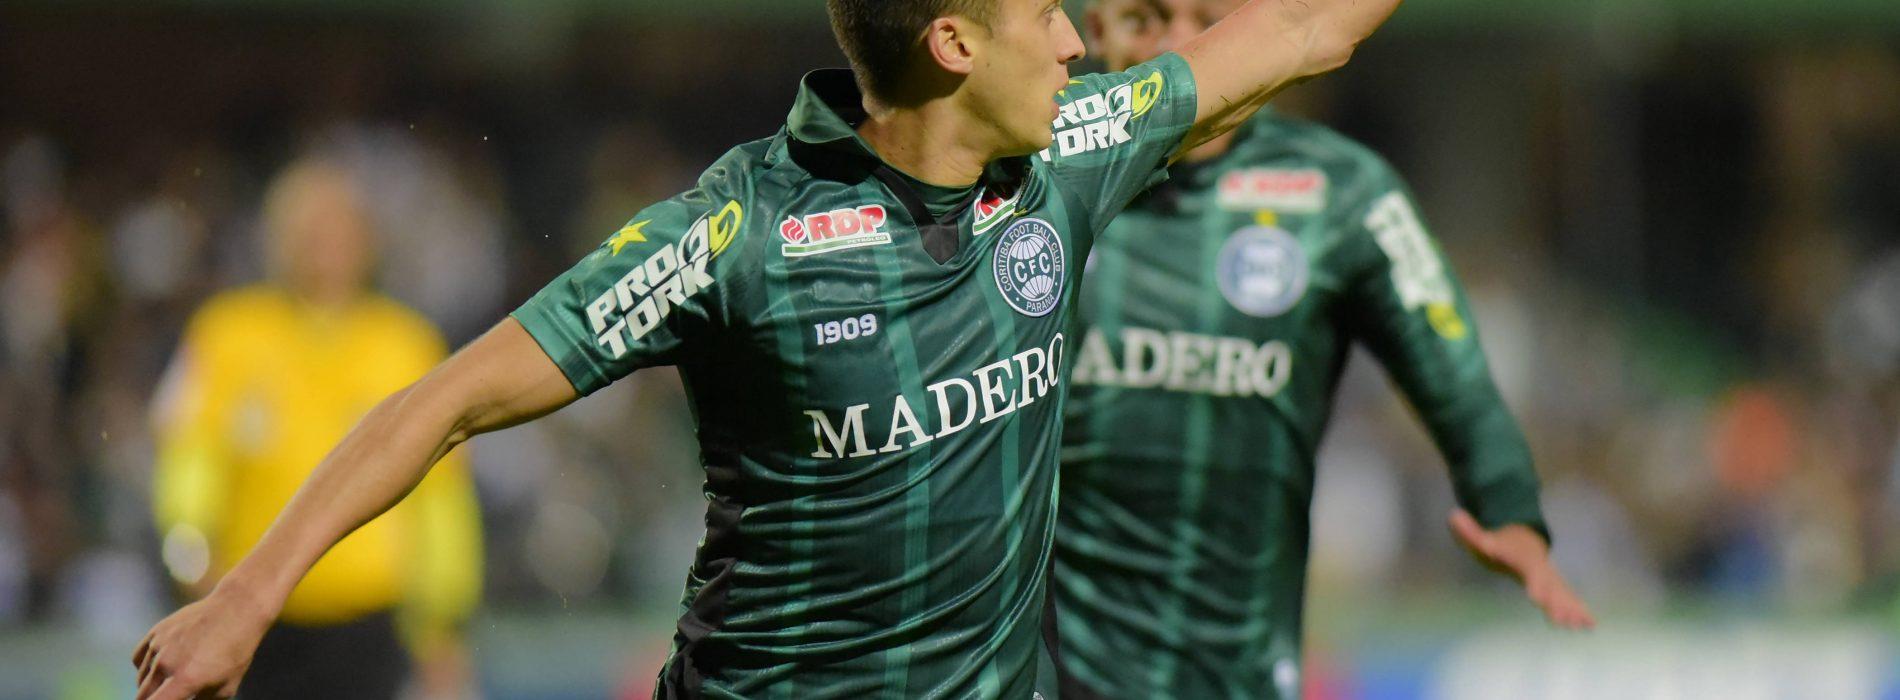 Clubes brasileiros optam por marcas próprias de material esportivo